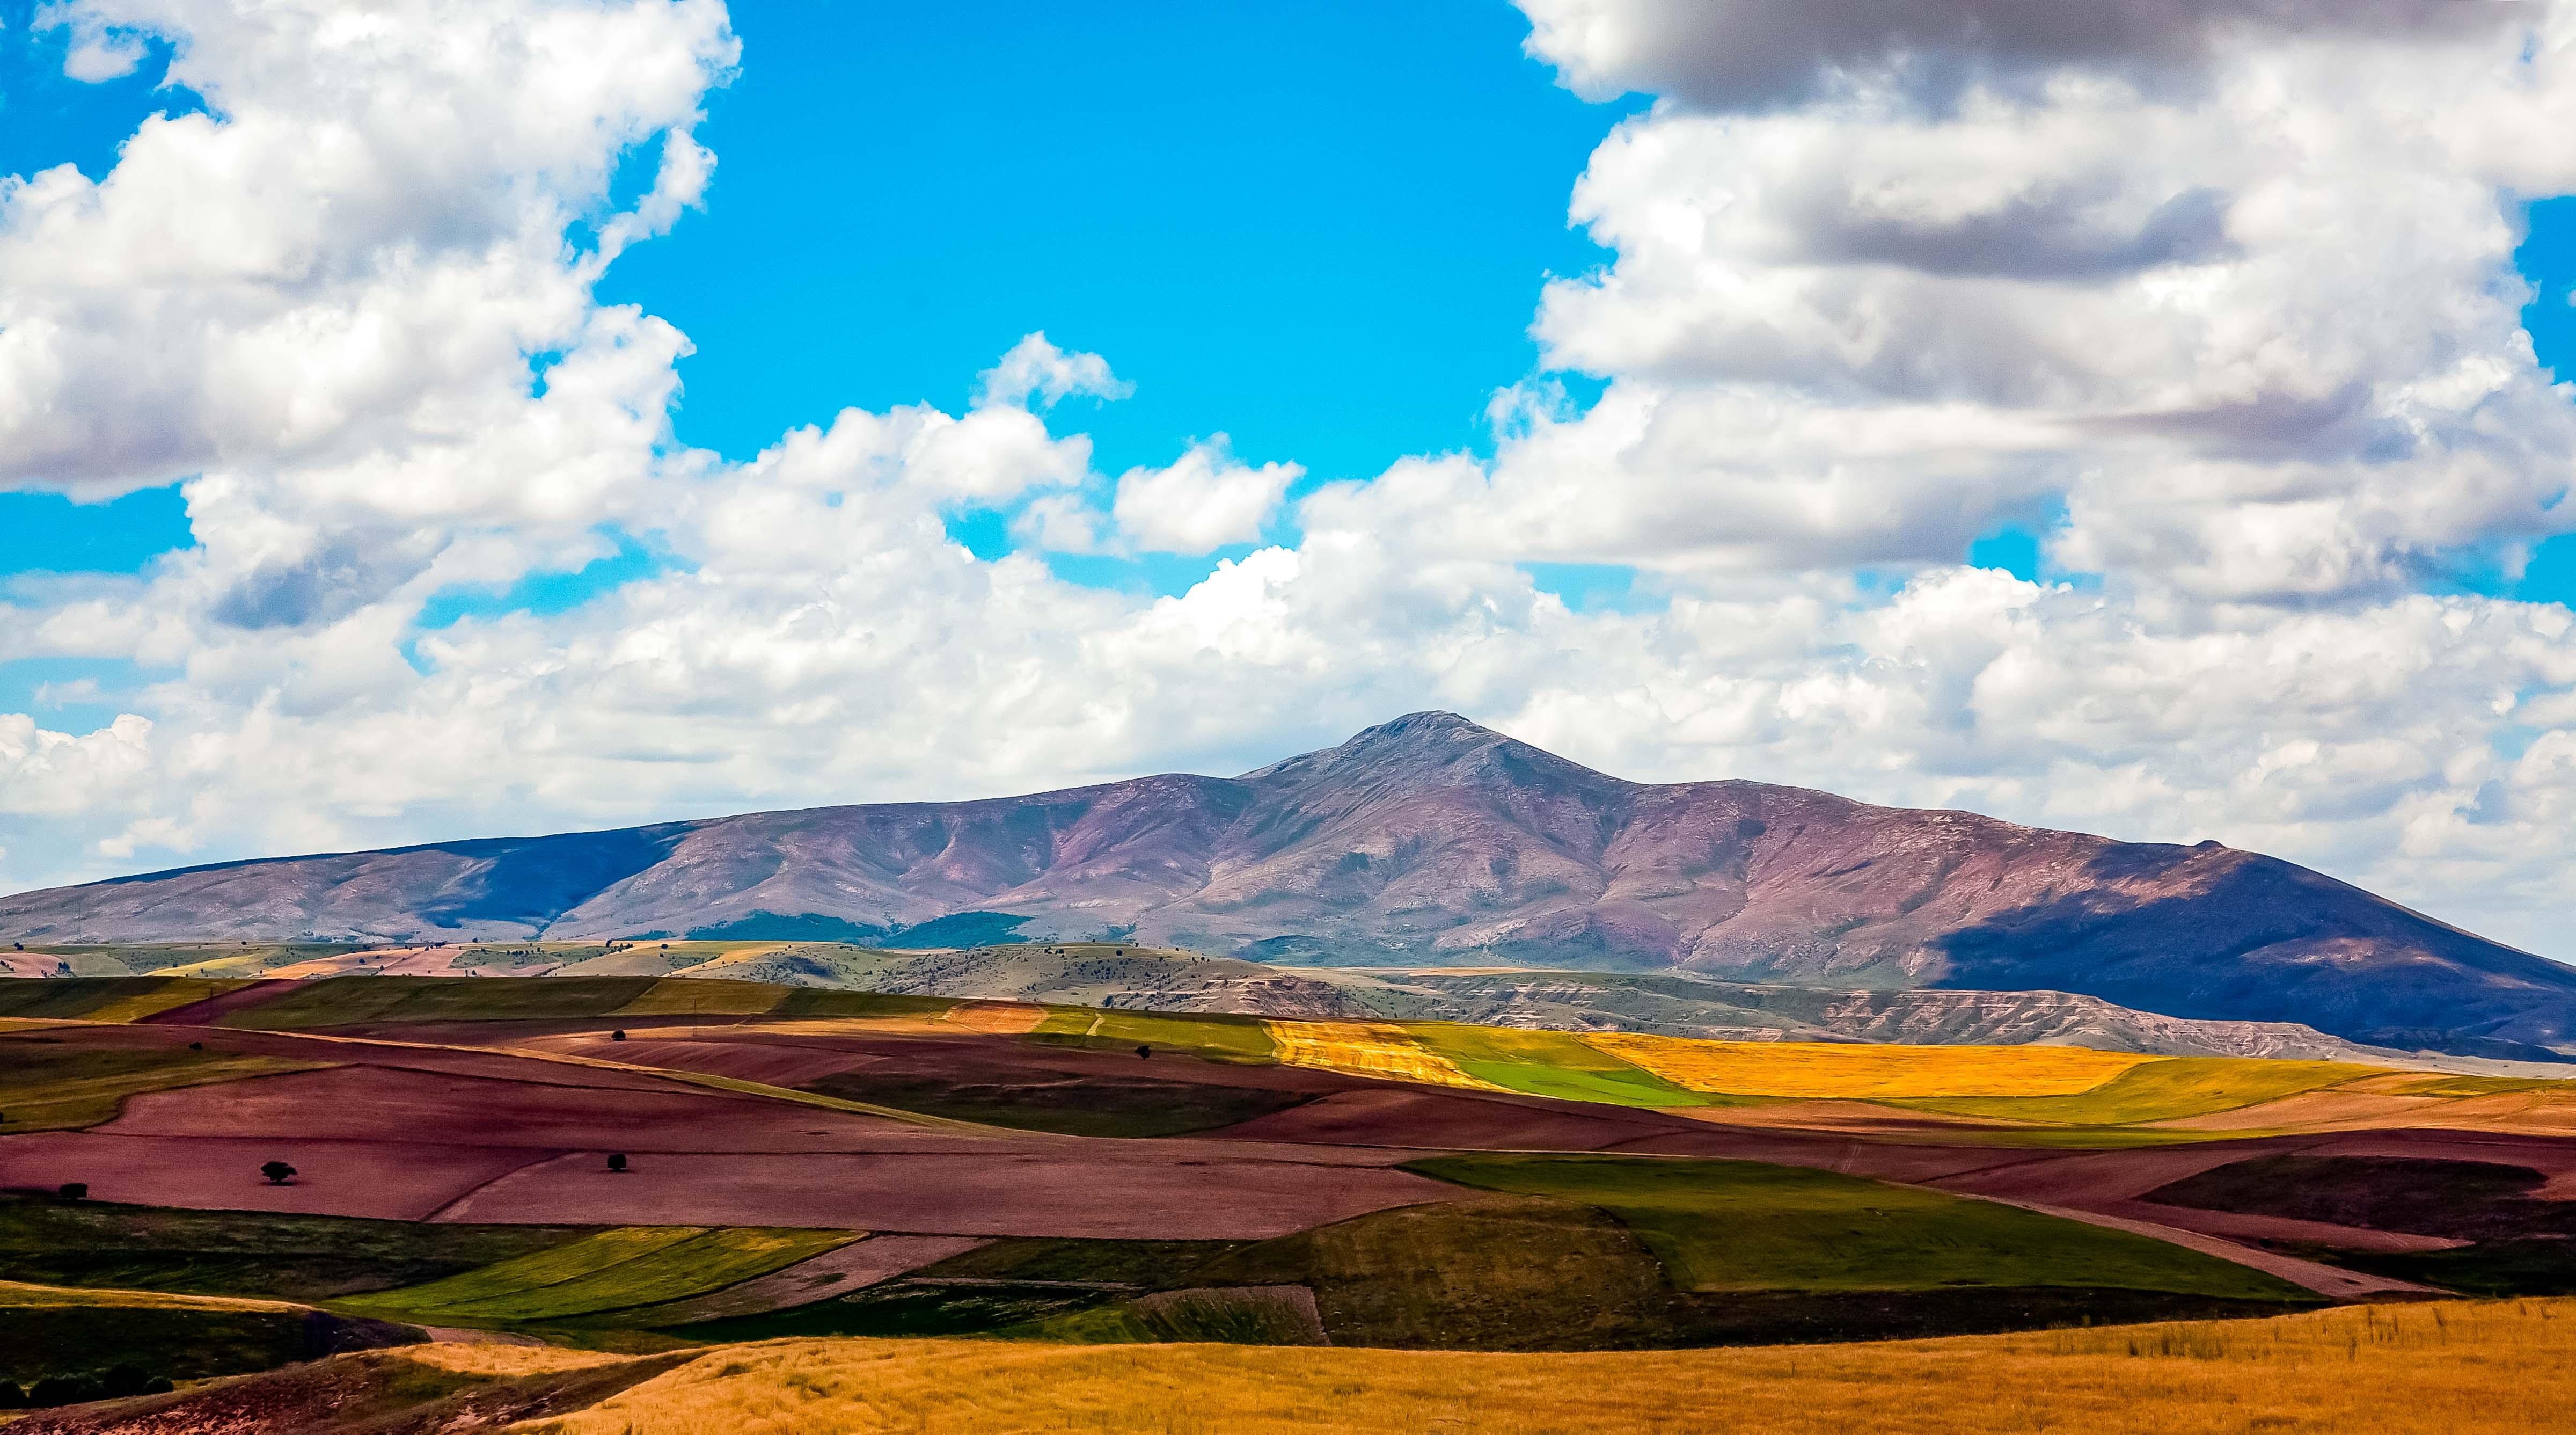 Turkey, Kayseri Prov, Landscape, 2010, IMG 9132